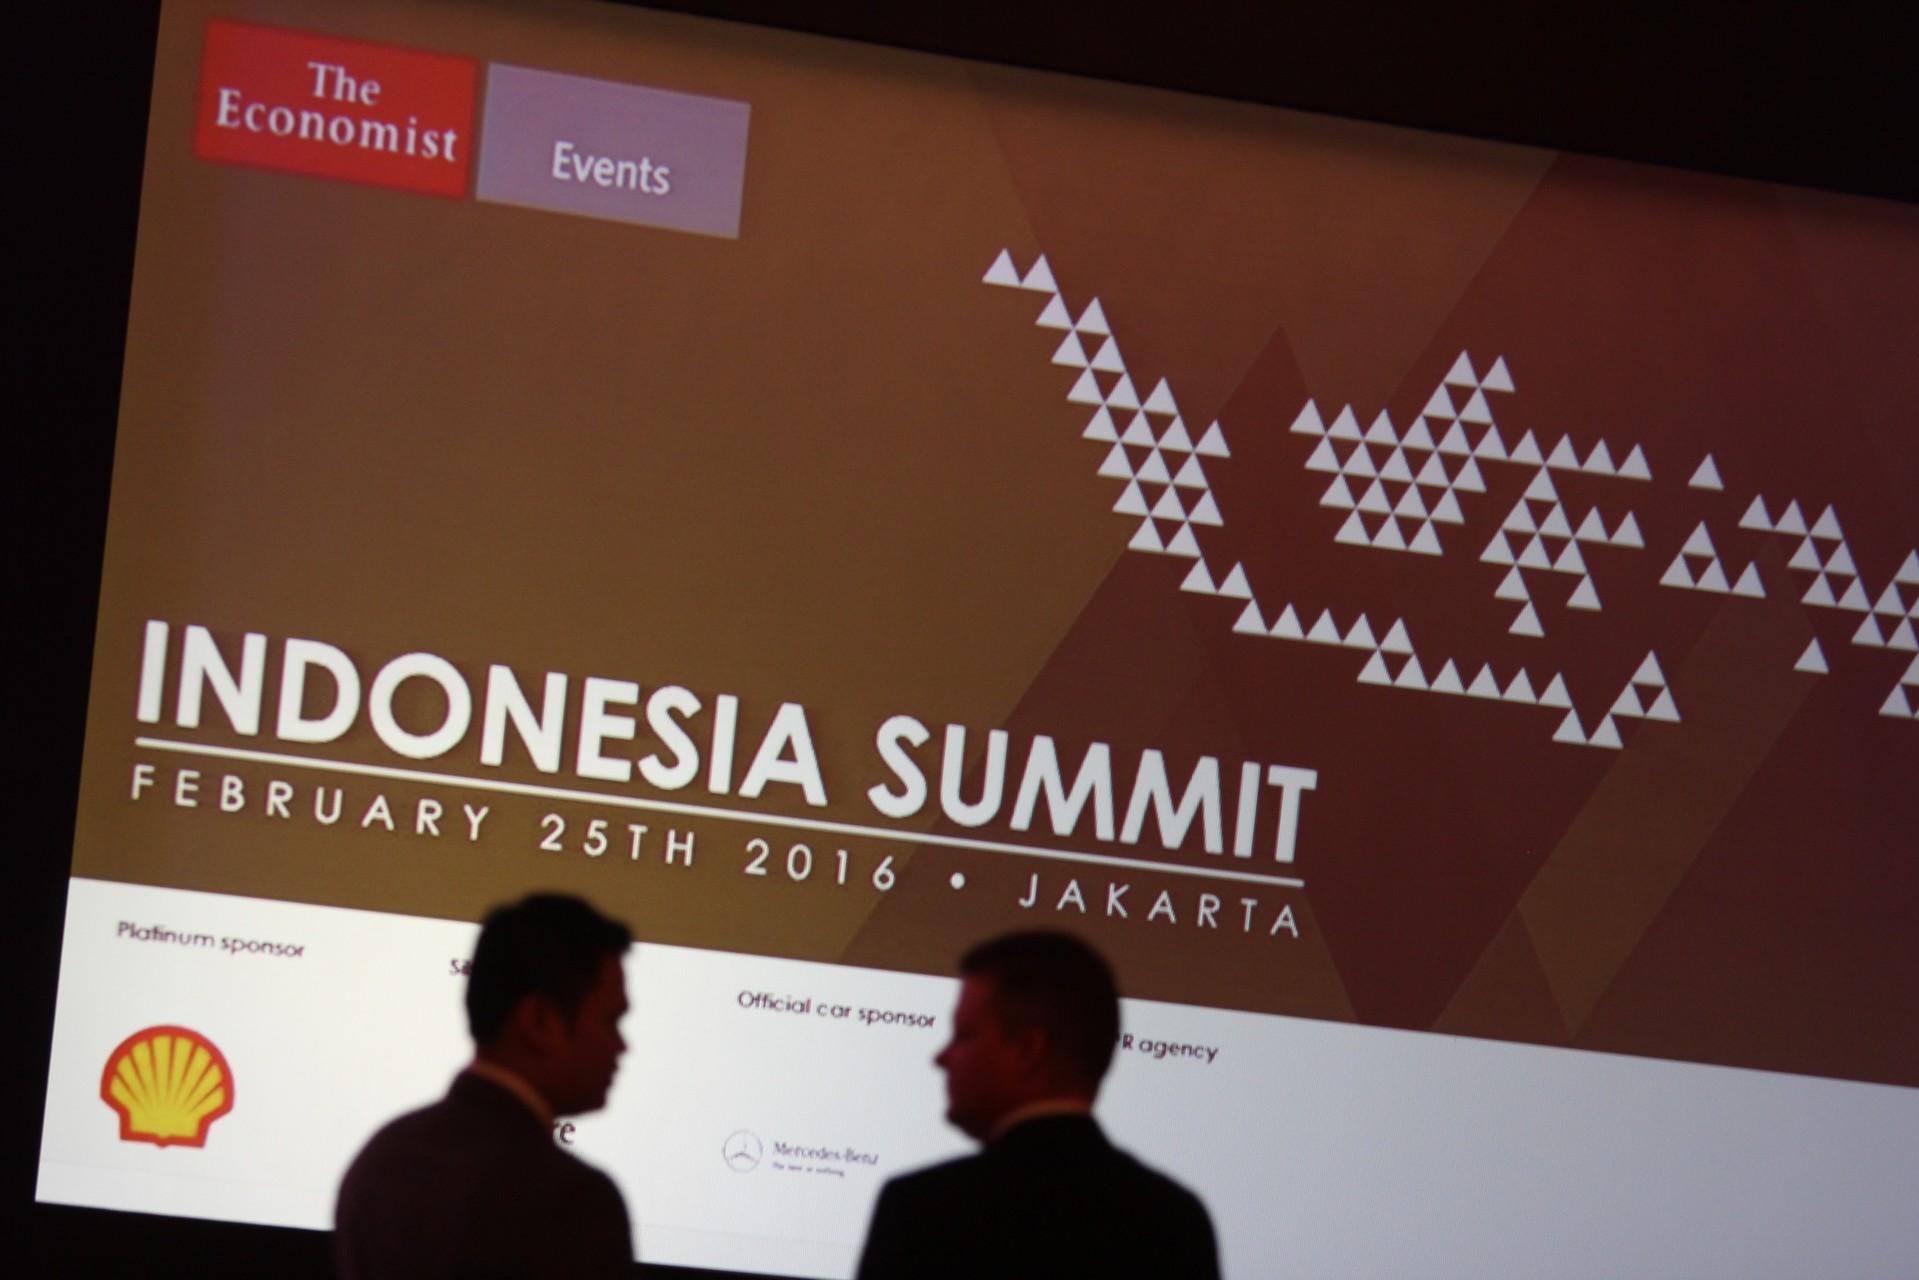 Suasana diskusi pada acara Indonesia Summit 2016 di Jakarta, Kamis, (24/02).